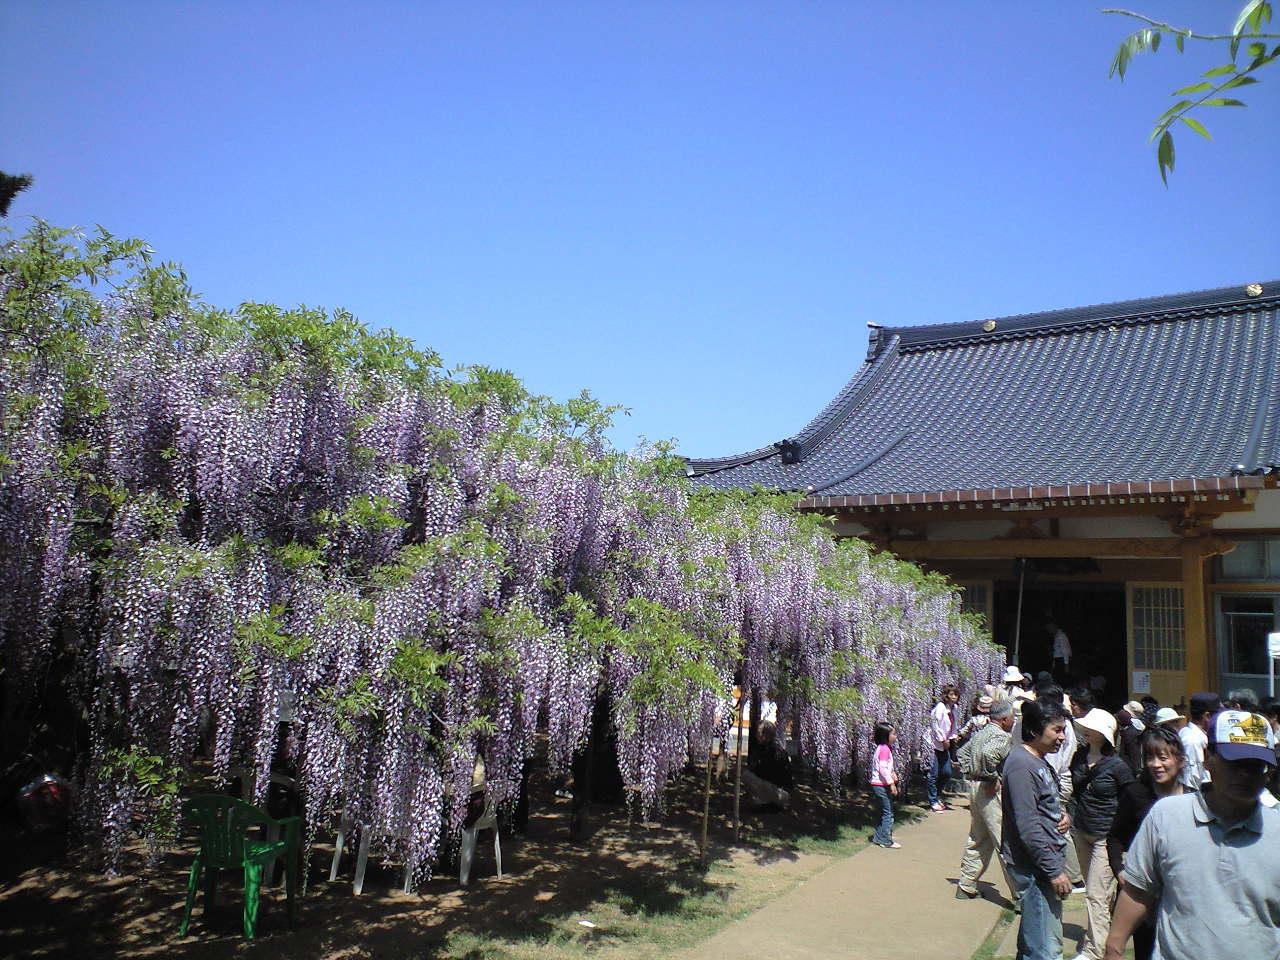 藤寺の六尺藤